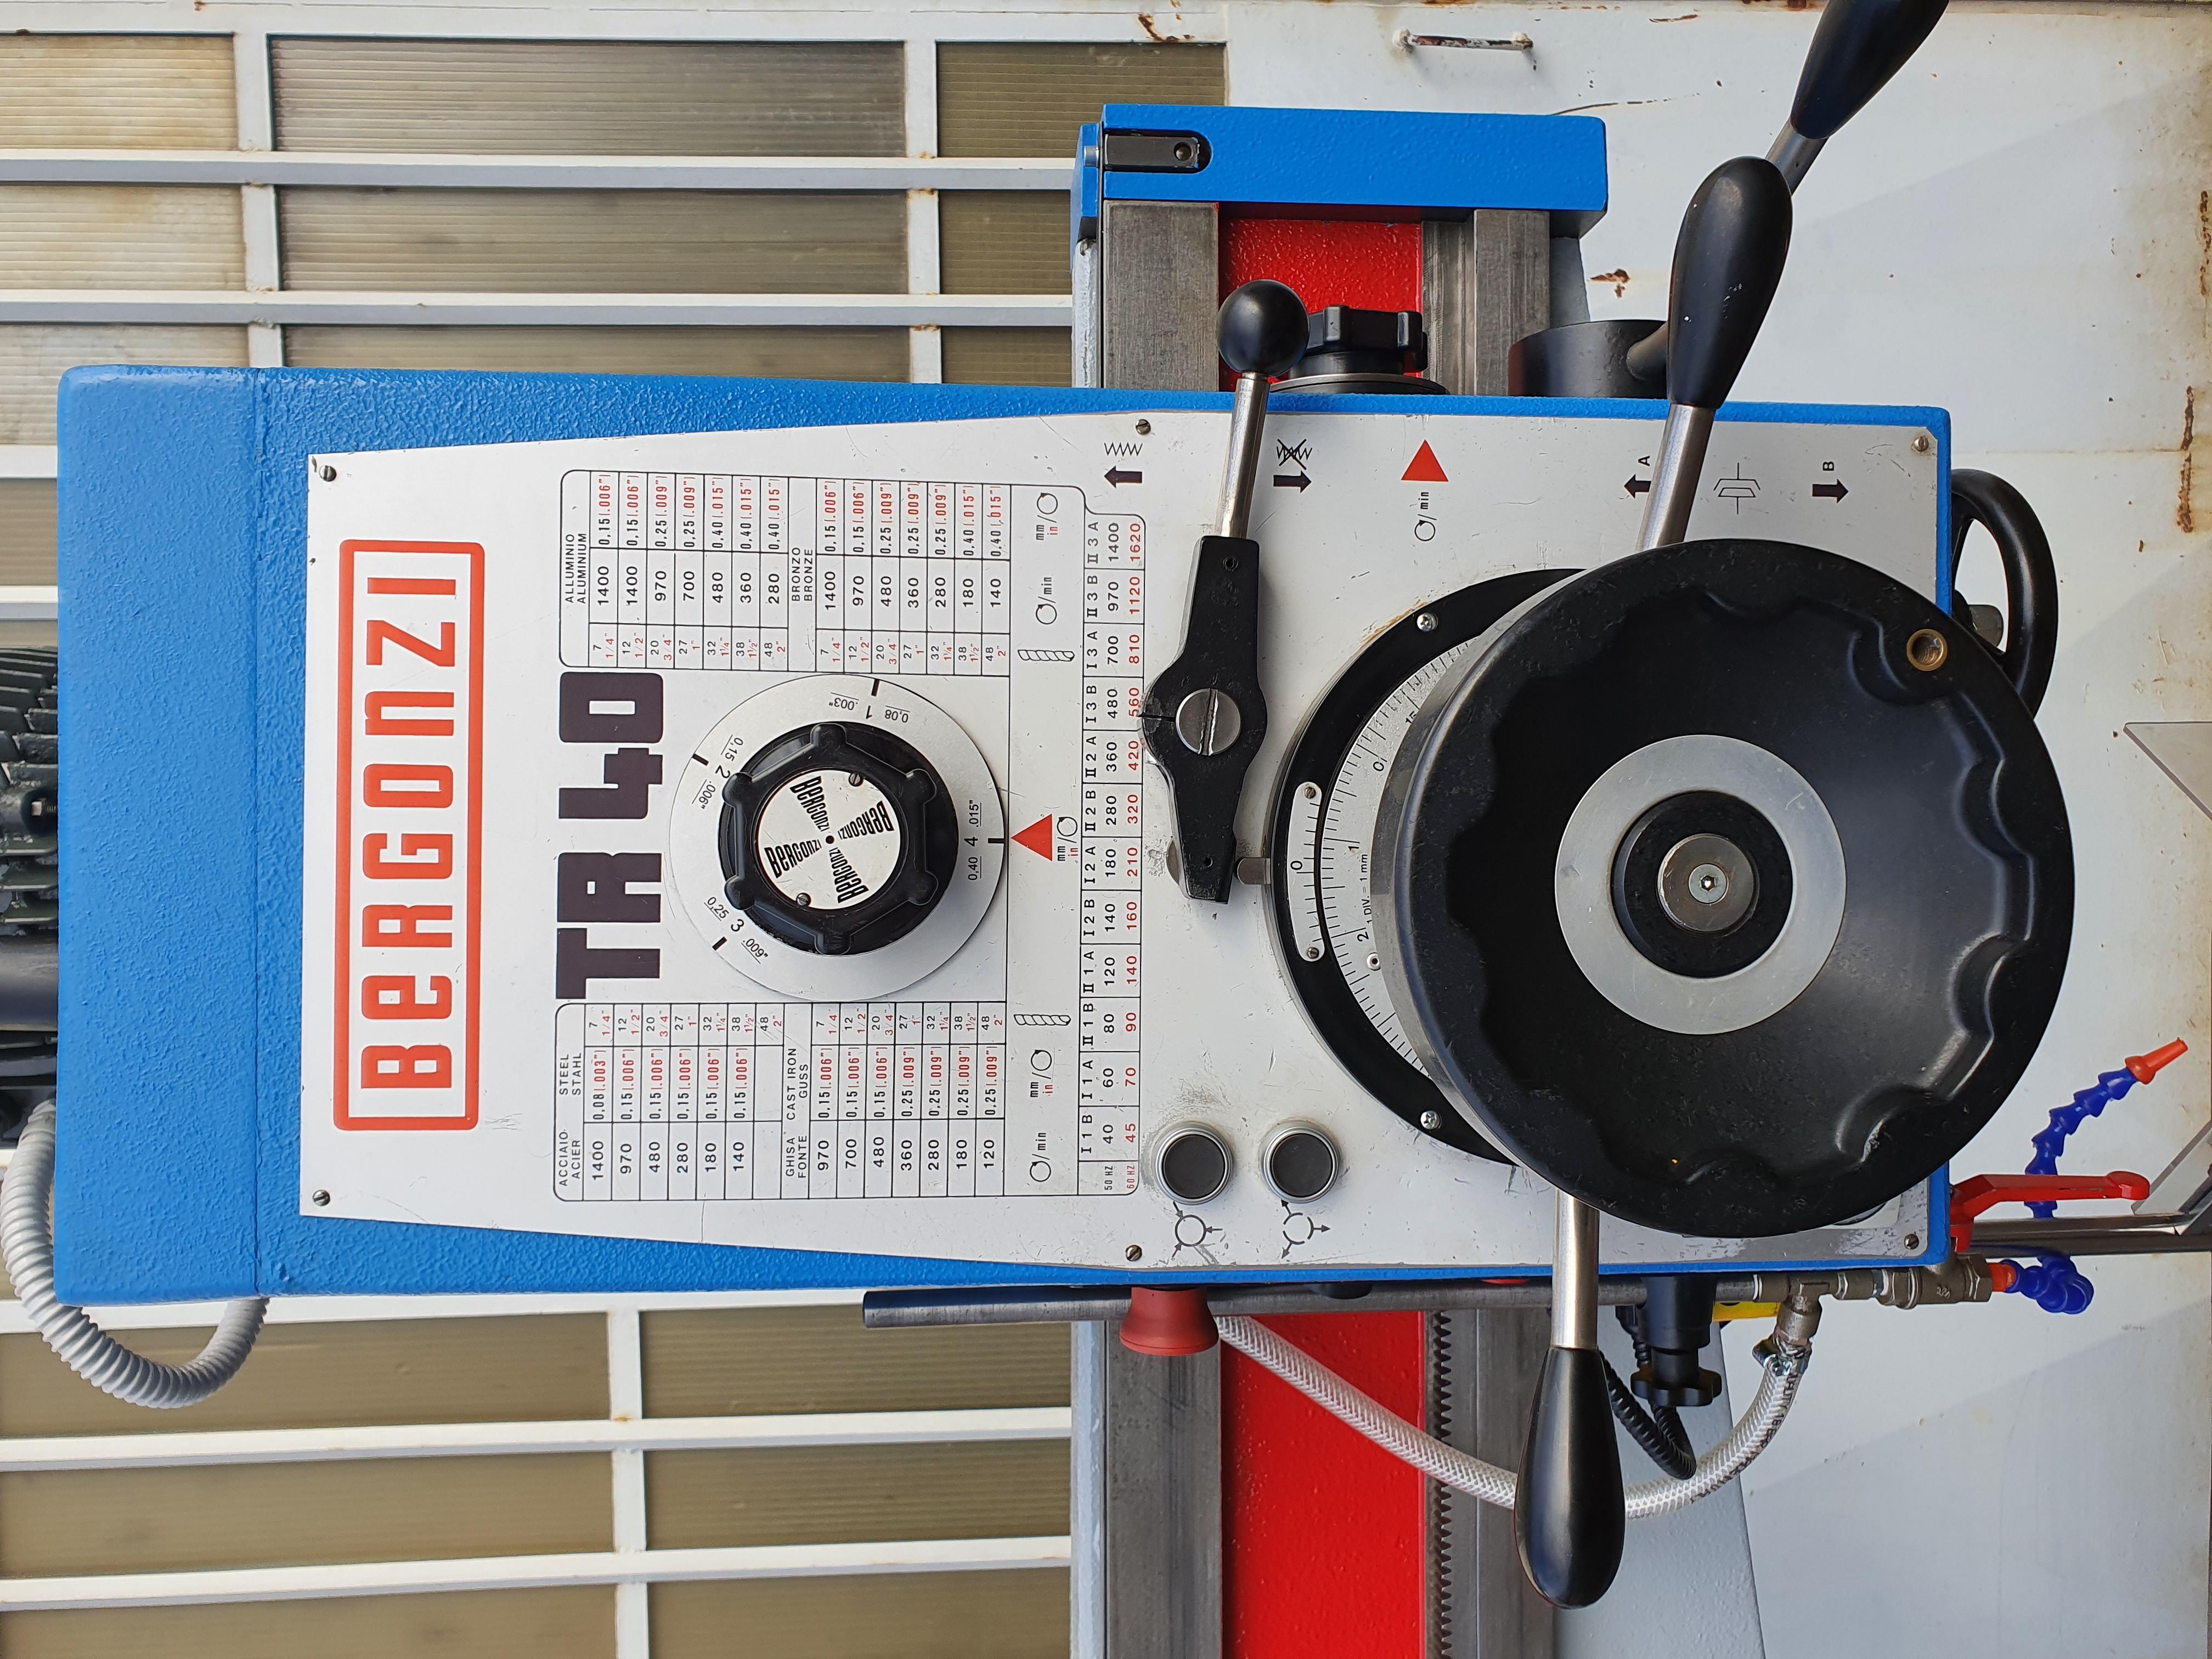 TRAPANO RADIALE BERGONZI TR 40 REVISIONATO in vendita - foto 3